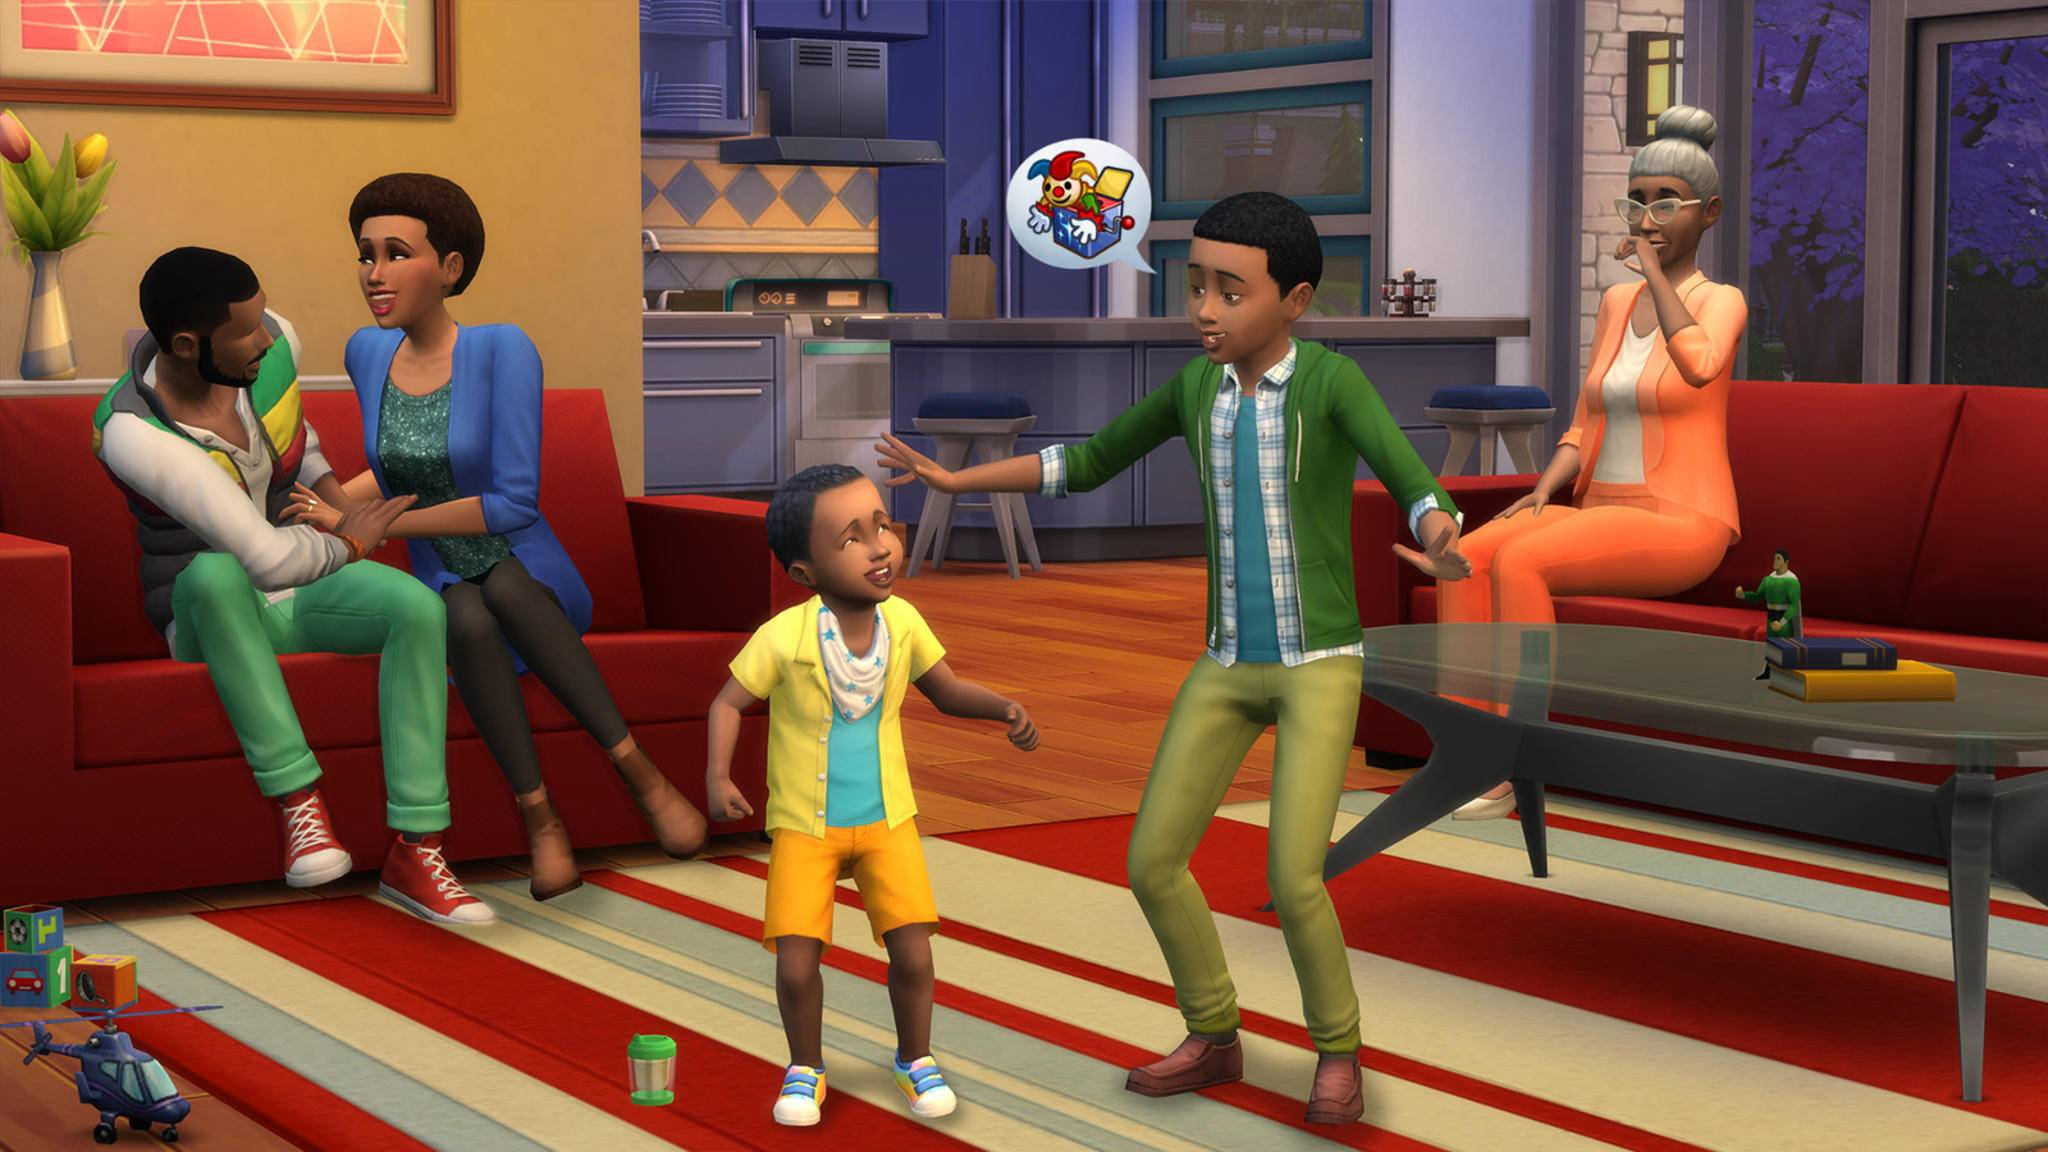 """Bald dürfen sich auch Konsolenspieler in """"Die Sims 4"""" ein zweites virtuelles Leben aufbauen."""